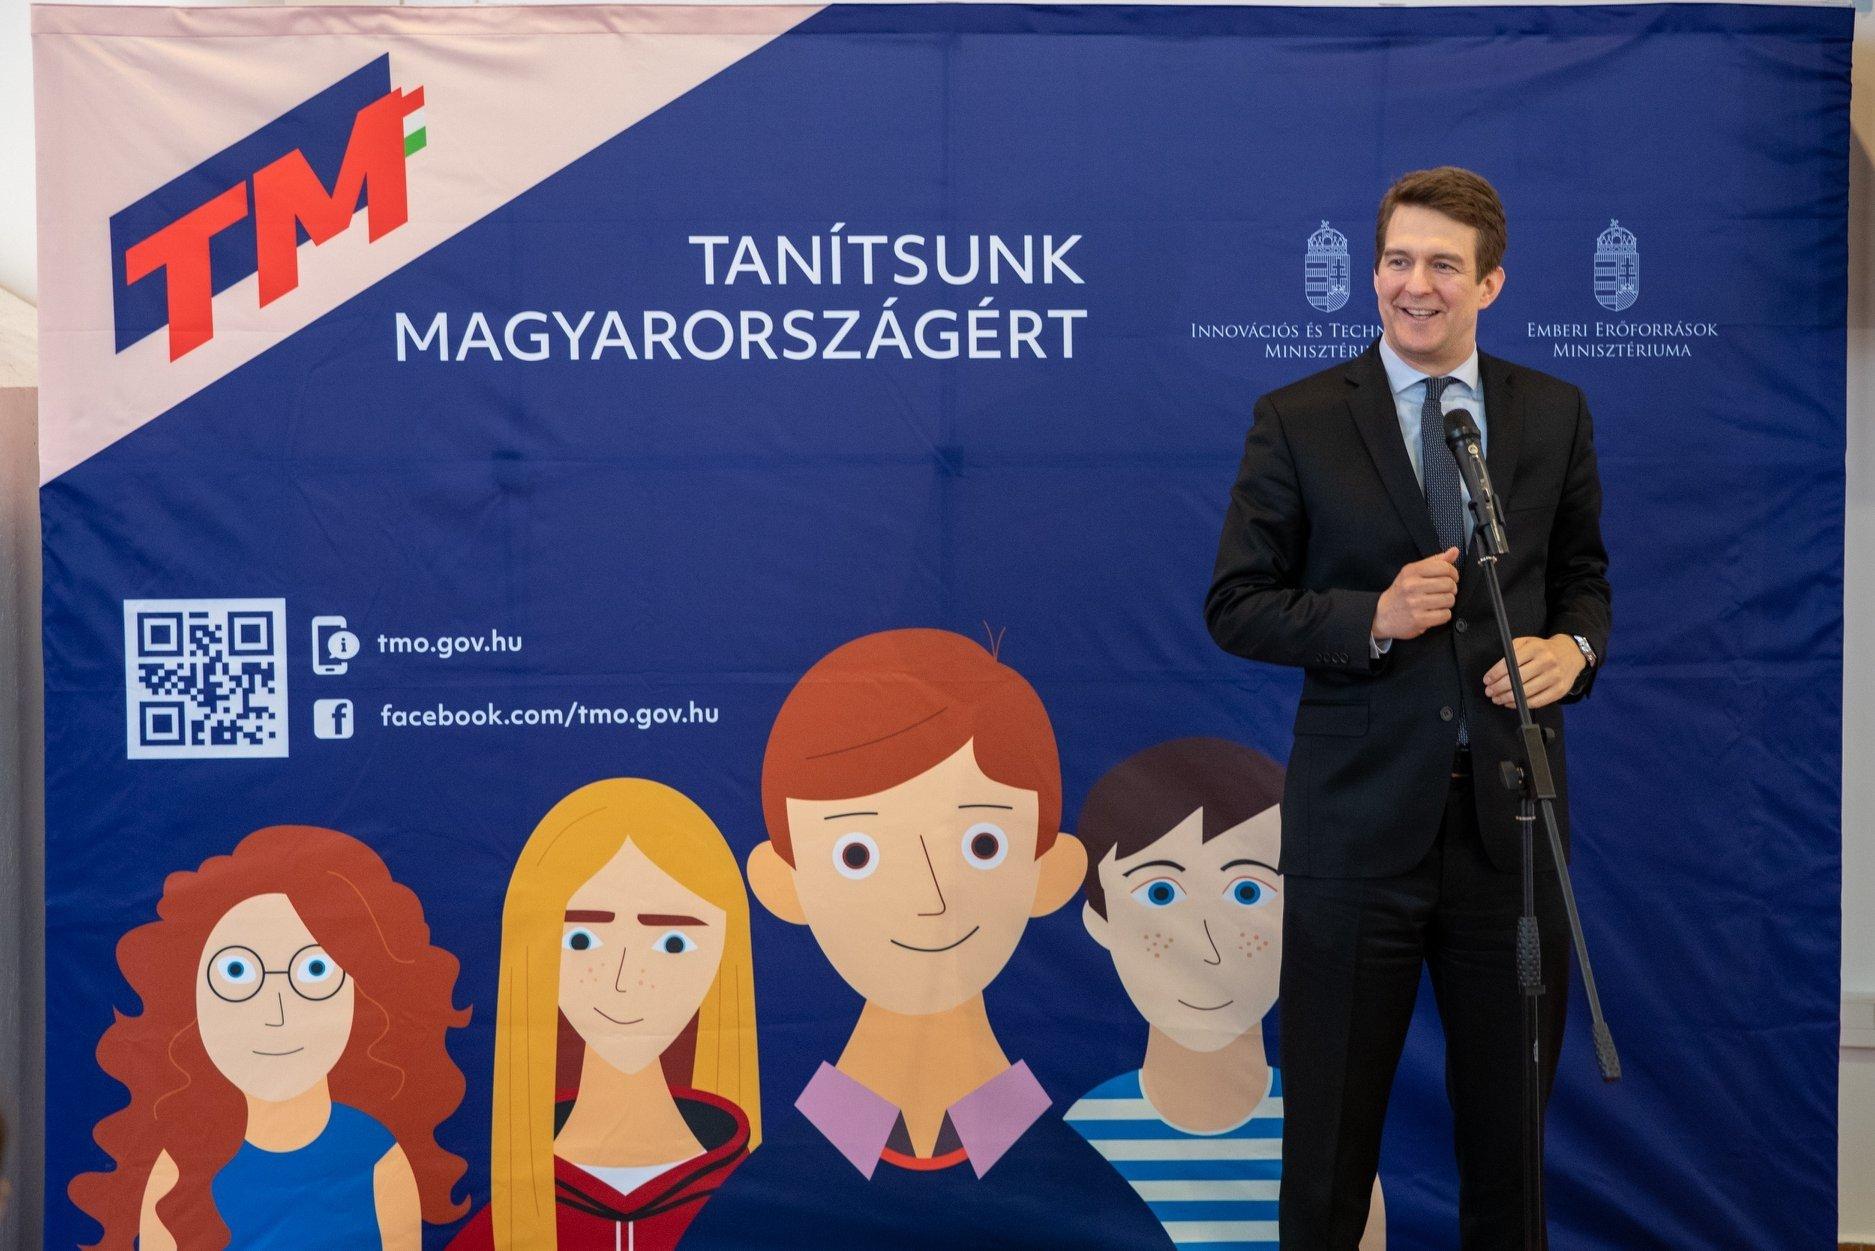 Tanítsunk Magyarországért: Baranya is részt vesz az egyetemi mentorprogramban